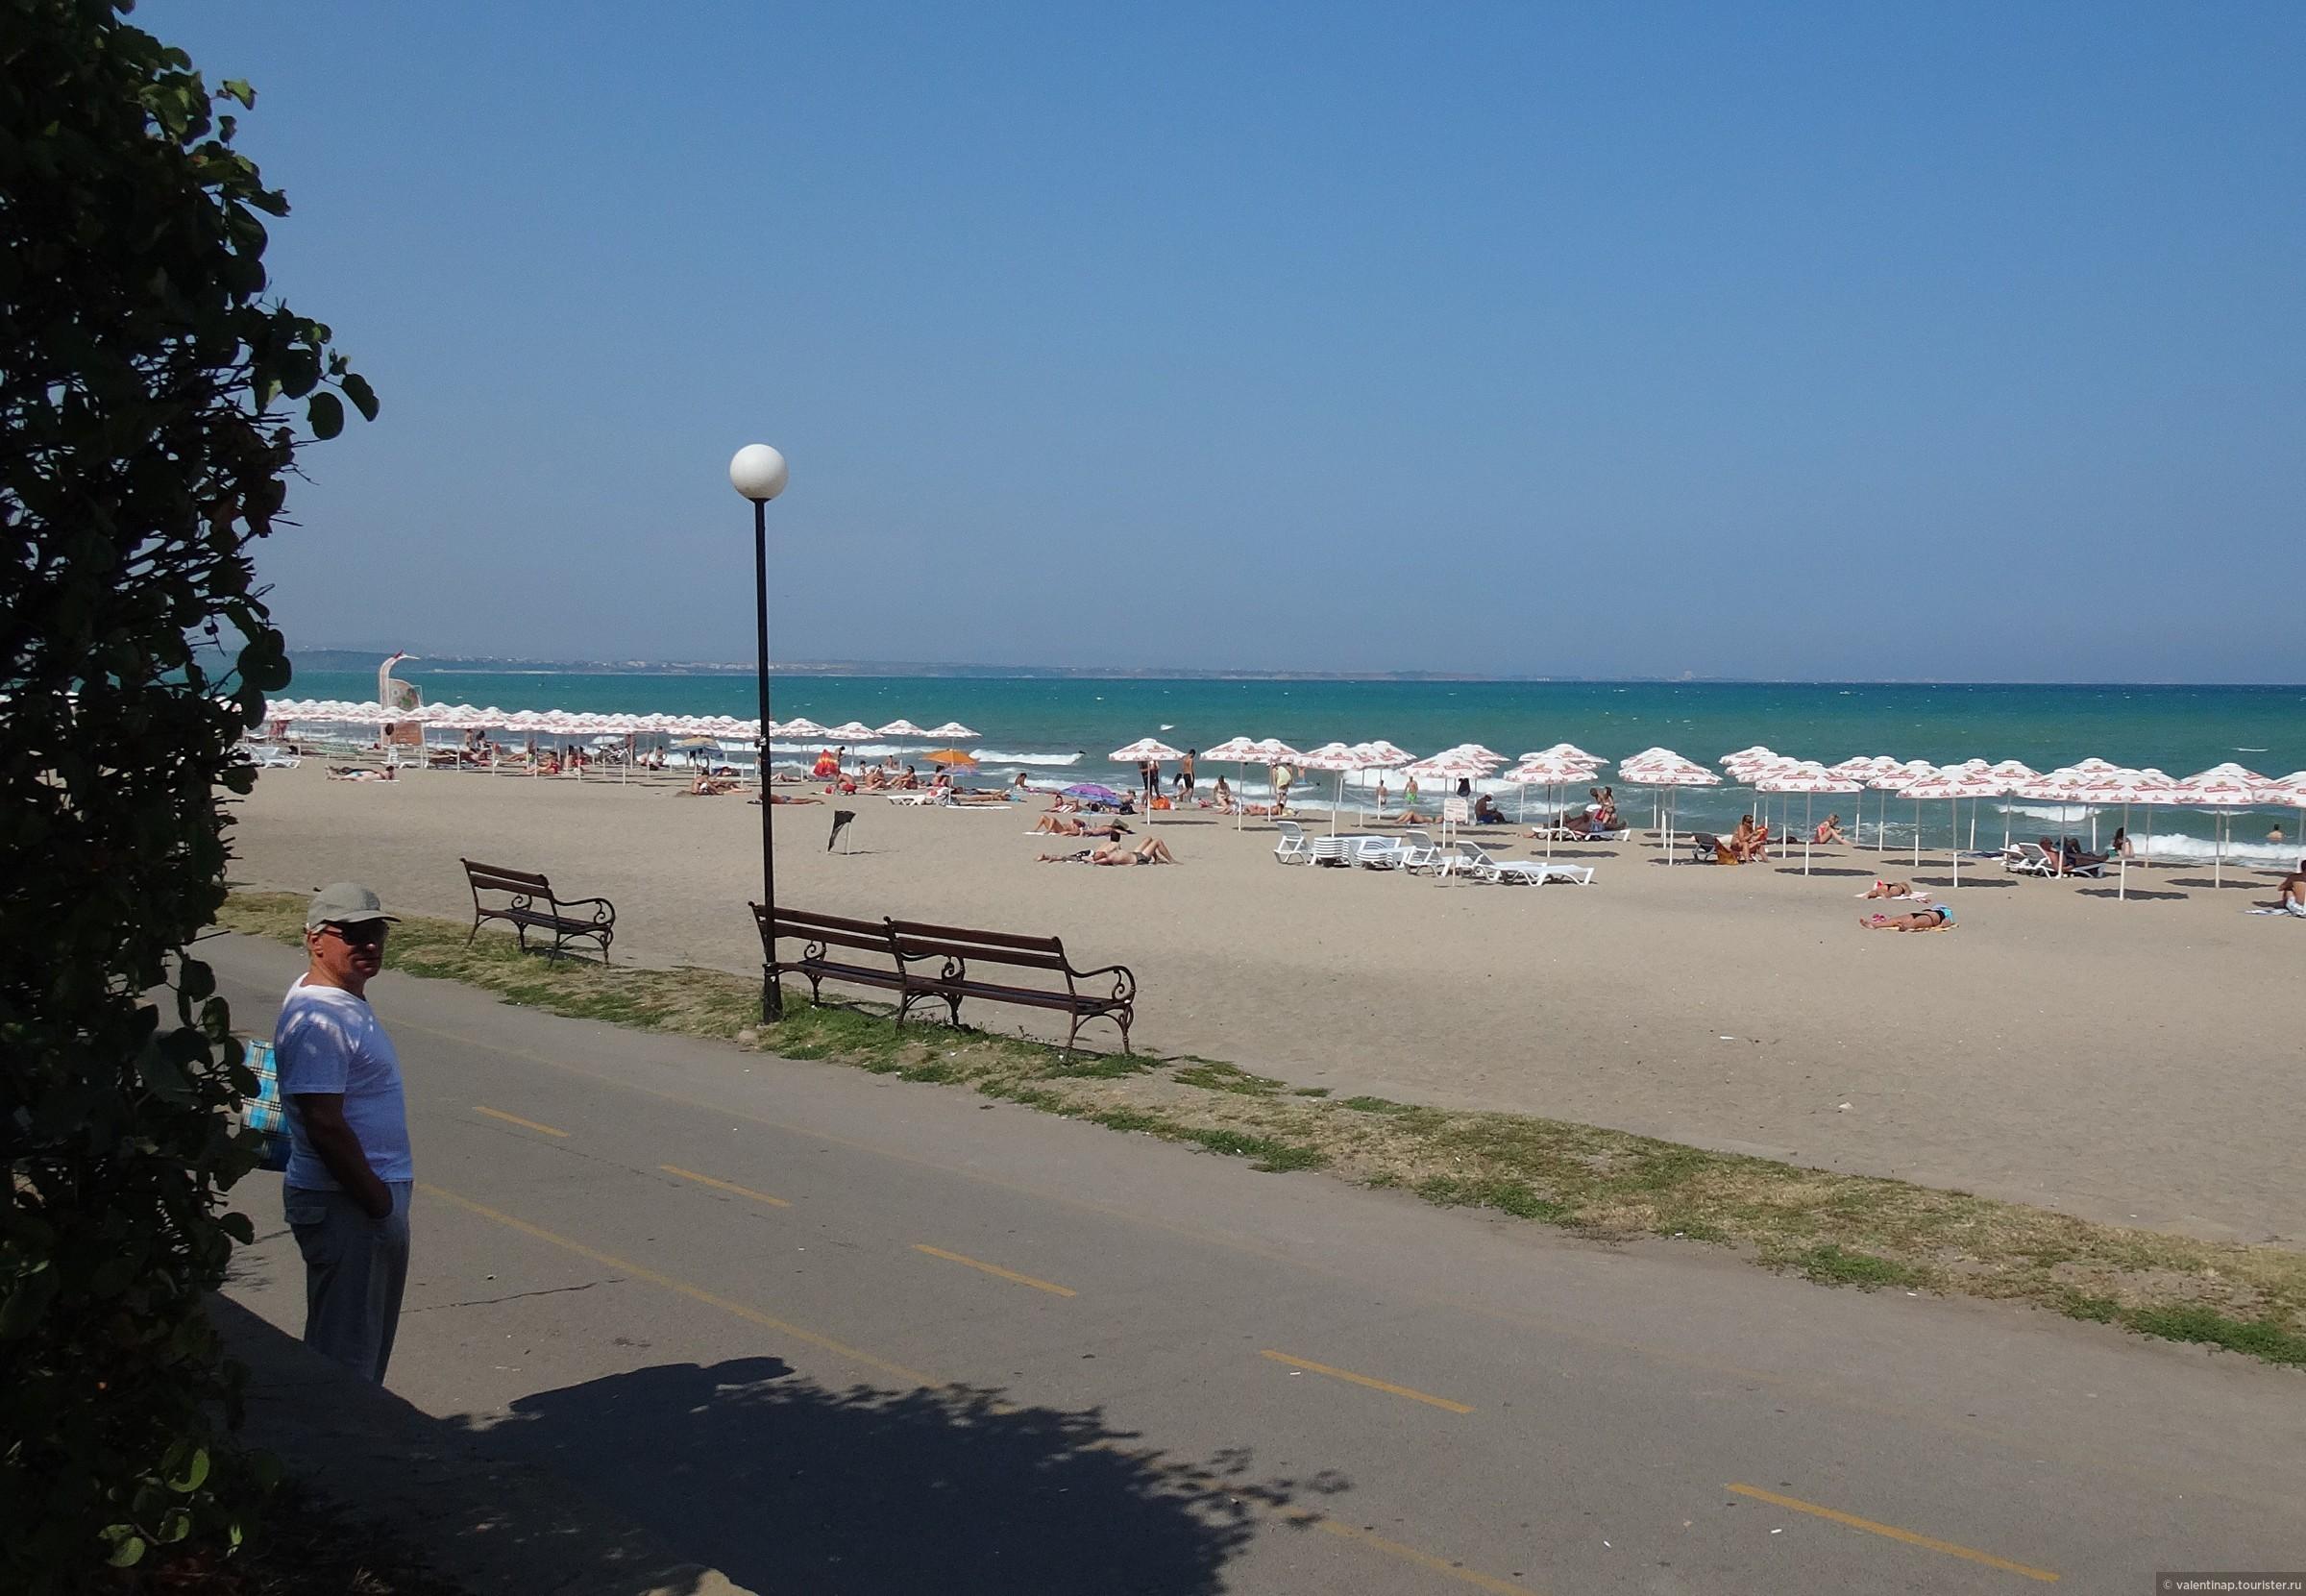 Переезд в Болгарию: плюсы и минусы, способы иммиграции